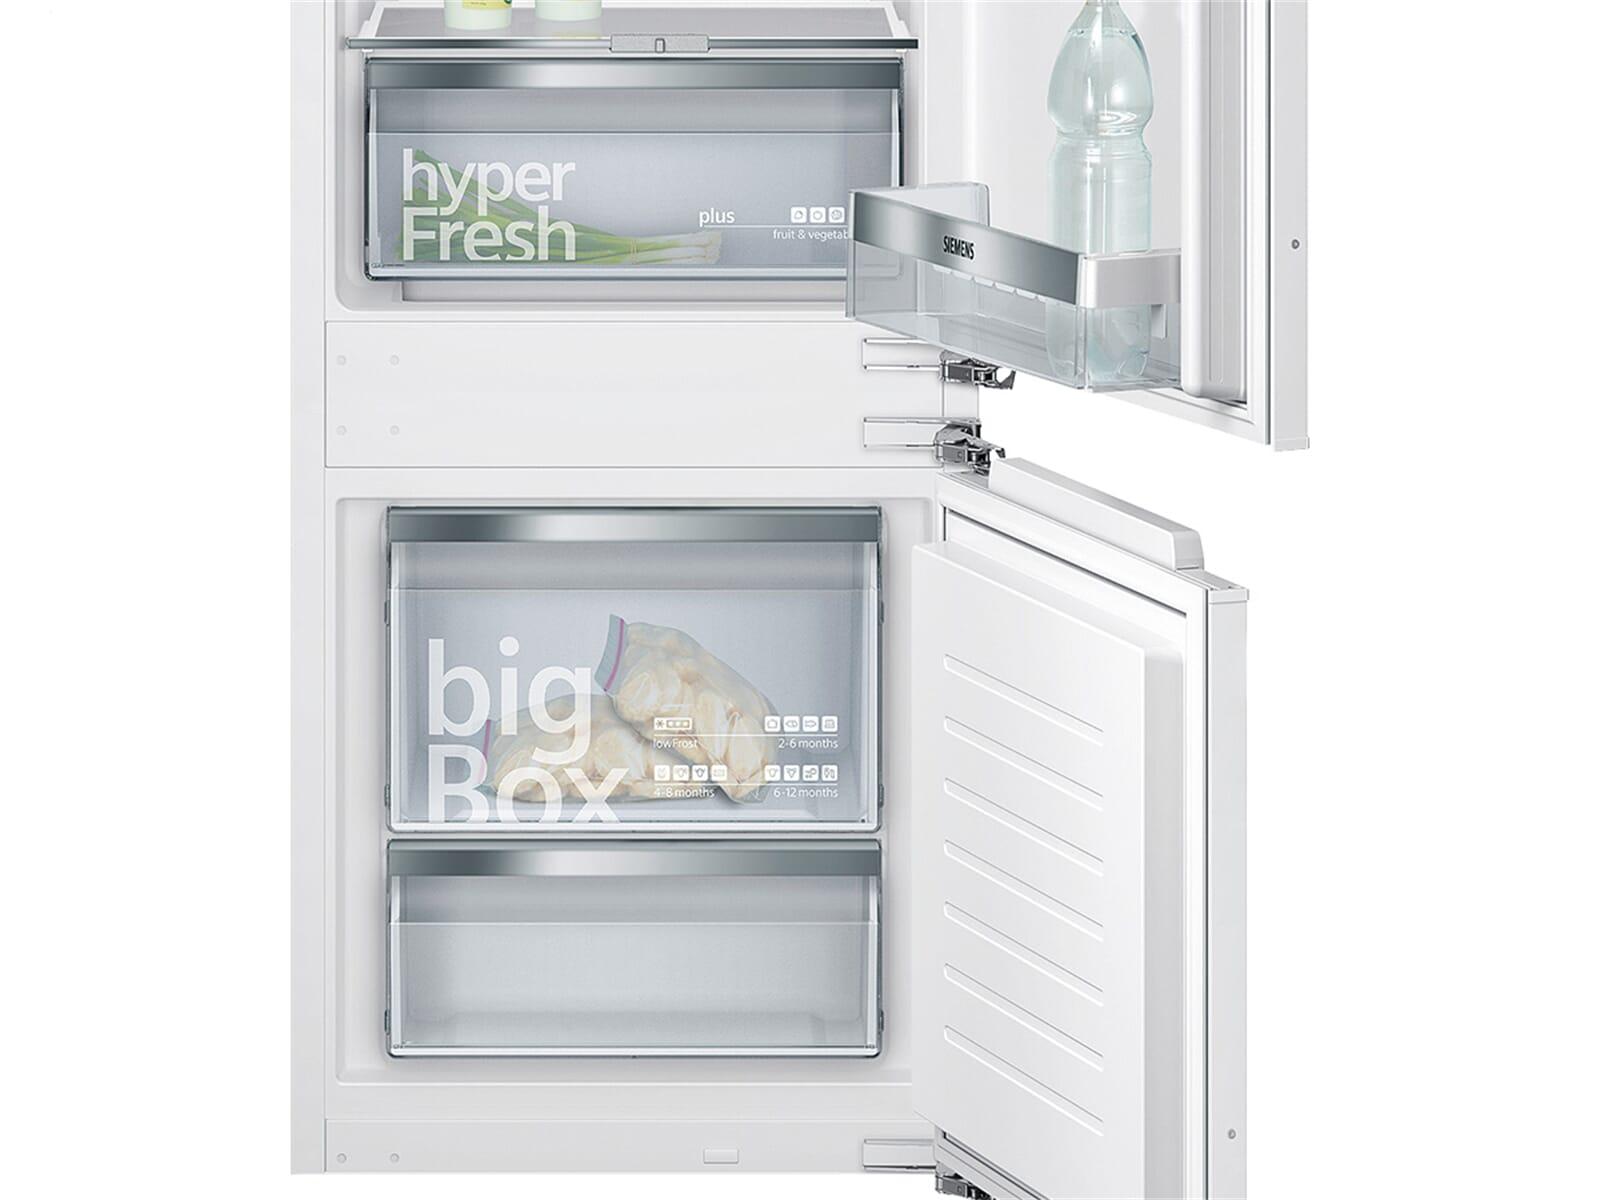 Siemens Kühlschrank Hyperfresh : Siemens kühlschrank hyperfresh plus siemens ki lad einbau